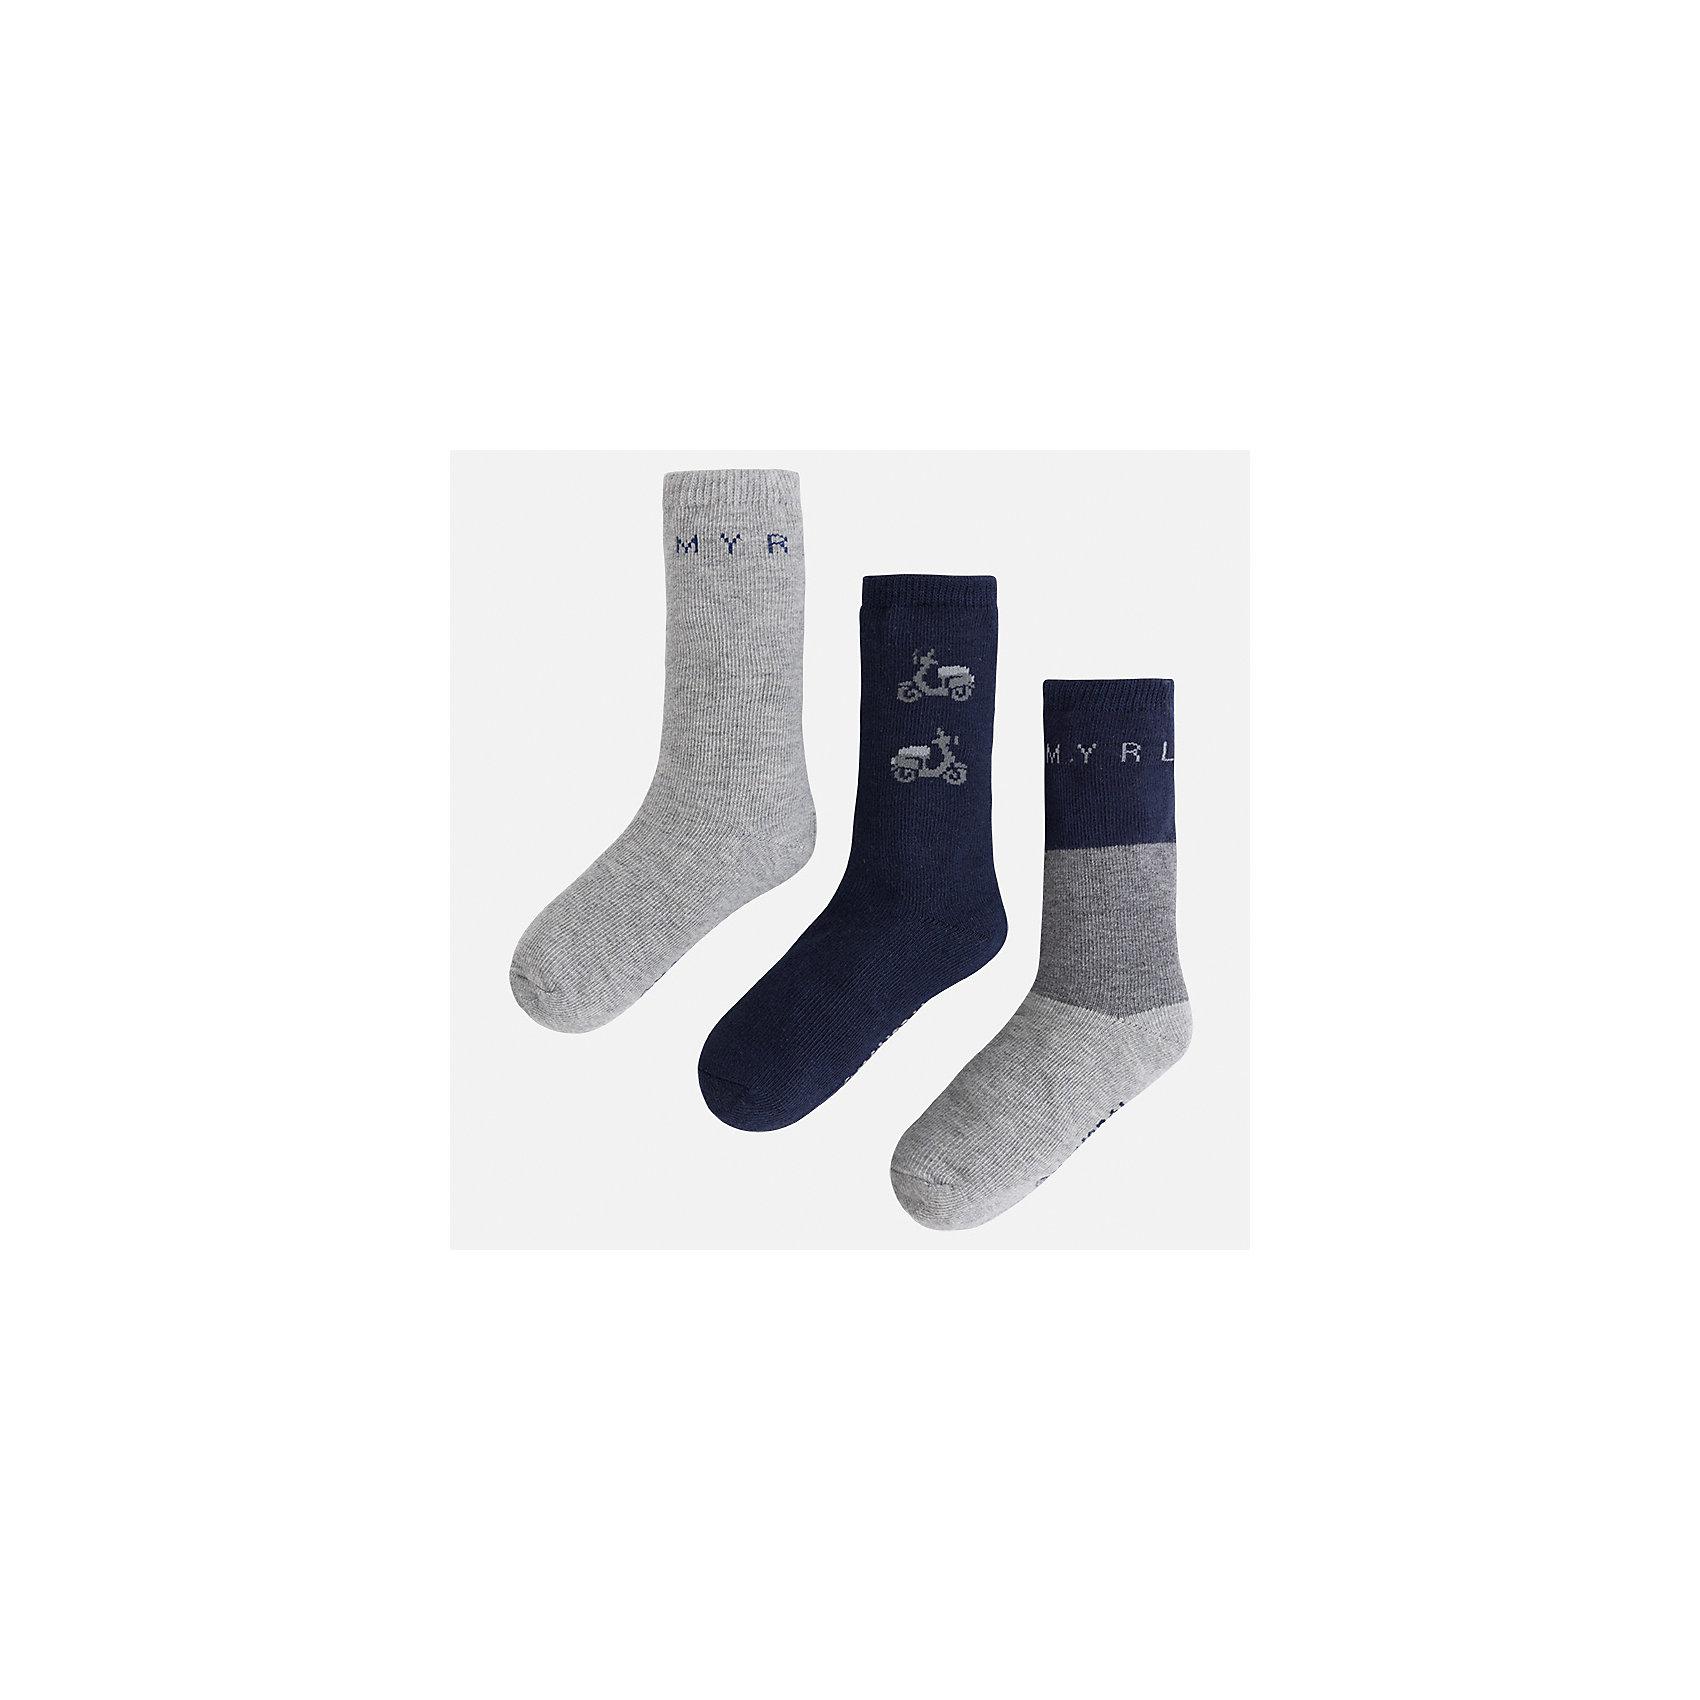 Носки (3 пары) для мальчика MayoralНоски<br>Характеристики товара:<br><br>• цвет: серый<br>• состав ткани: 77% хлопок, 20% полиамид, 3% эластан<br>• сезон: круглый год<br>• комплектация: 3 пары<br>• страна бренда: Испания<br>• страна изготовитель: Индия<br><br>Качественные носки для мальчика от популярного бренда Mayoral отличаются оригинальным декором. Детские носки смотрятся аккуратно и нарядно. В таких носках для детей от испанской компании Майорал ребенок будет выглядеть модно, а чувствовать себя - комфортно. <br><br>Носки (3 пары) для мальчика Mayoral (Майорал) можно купить в нашем интернет-магазине.<br><br>Ширина мм: 87<br>Глубина мм: 10<br>Высота мм: 105<br>Вес г: 115<br>Цвет: сине-серый<br>Возраст от месяцев: 96<br>Возраст до месяцев: 108<br>Пол: Мужской<br>Возраст: Детский<br>Размер: 33-35,24-26,27-29,30-32<br>SKU: 6939175